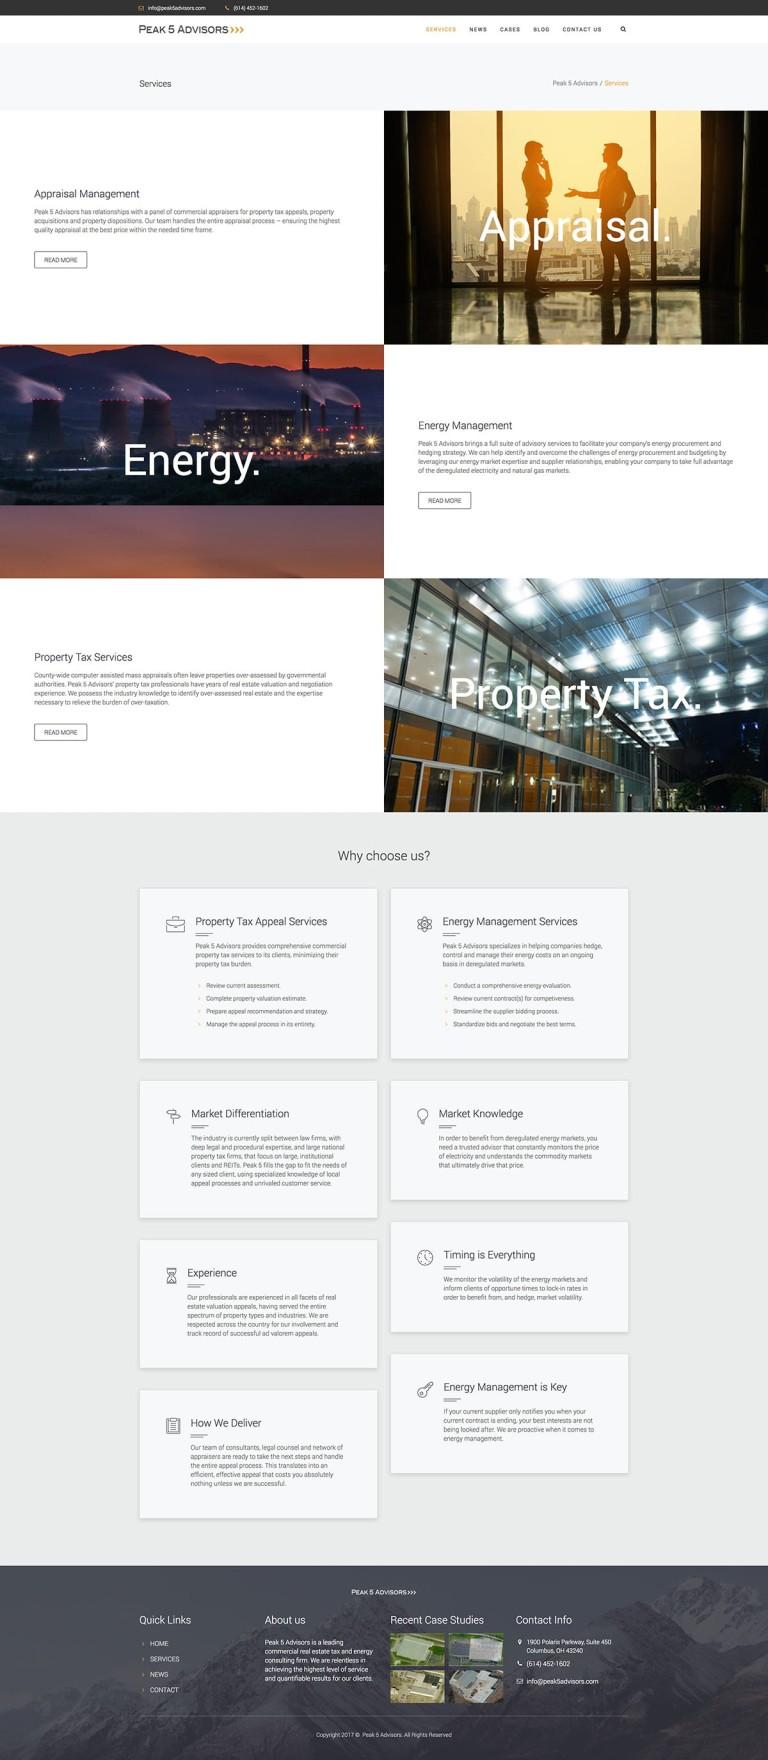 web-design-portfolio-p52